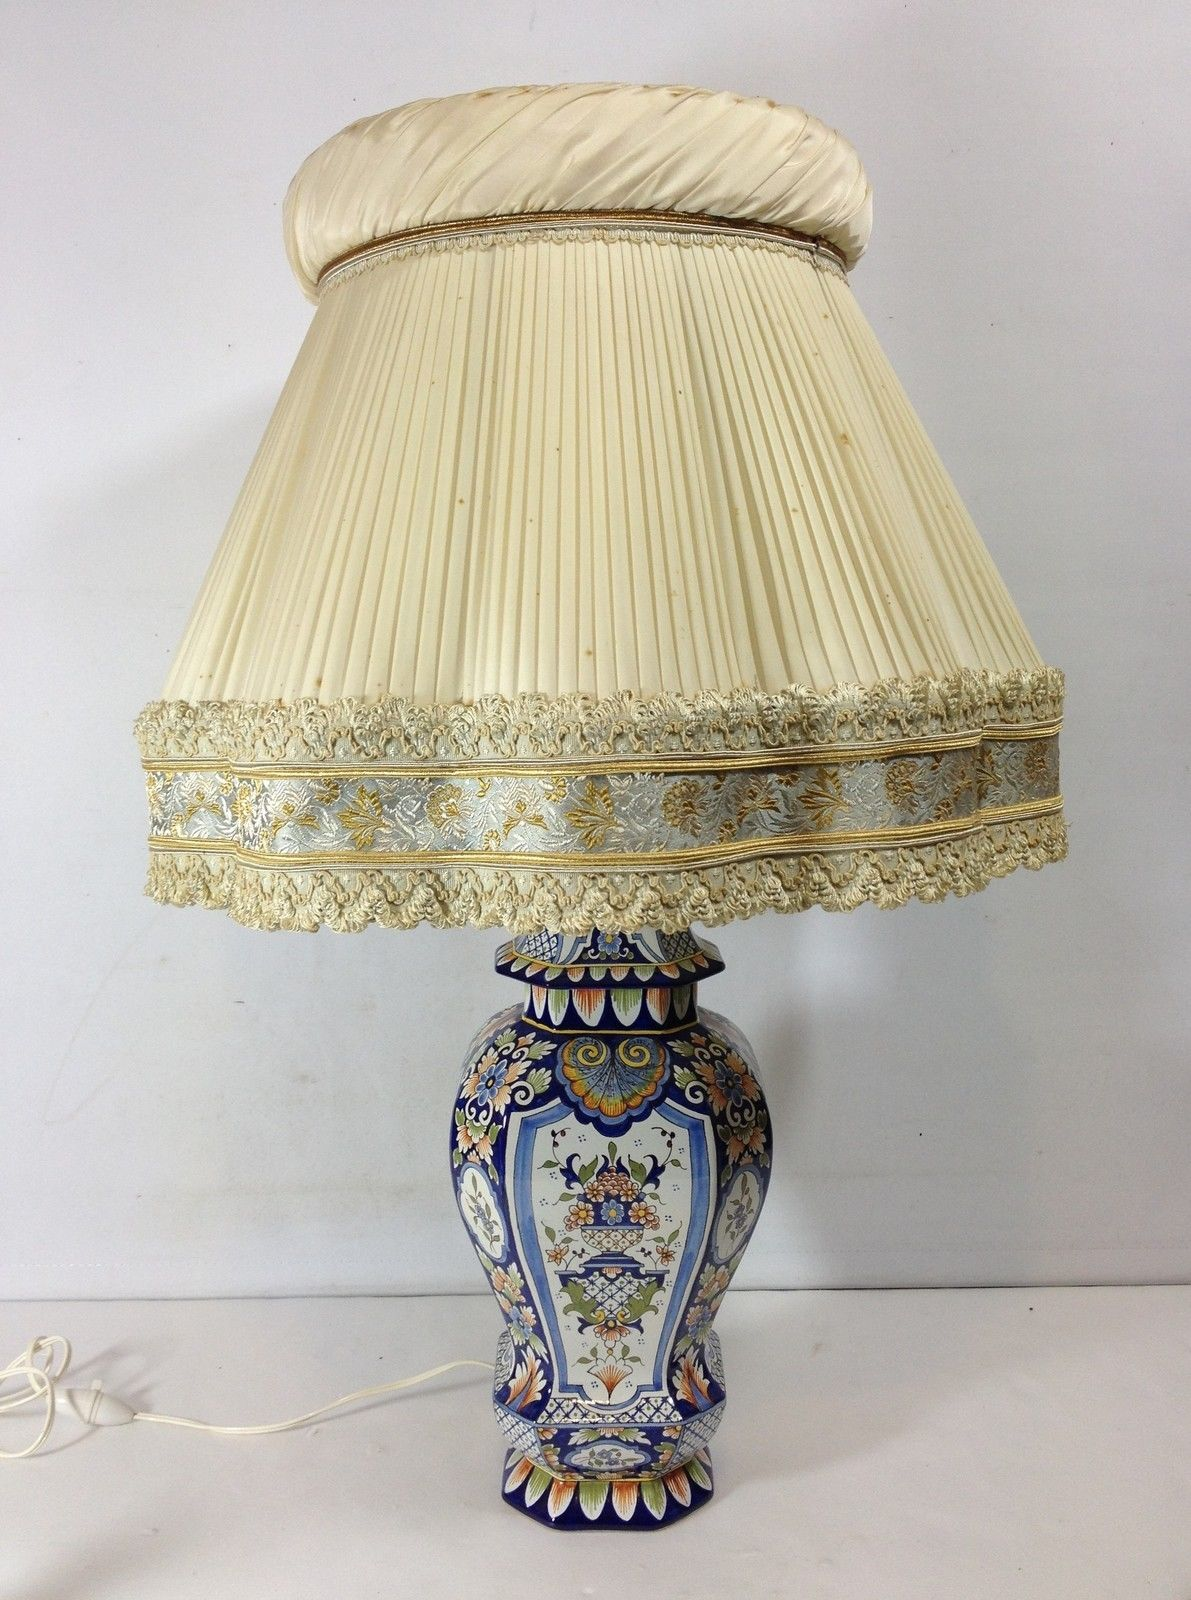 potiche pied de lampe en faience de rouen ebay faience. Black Bedroom Furniture Sets. Home Design Ideas